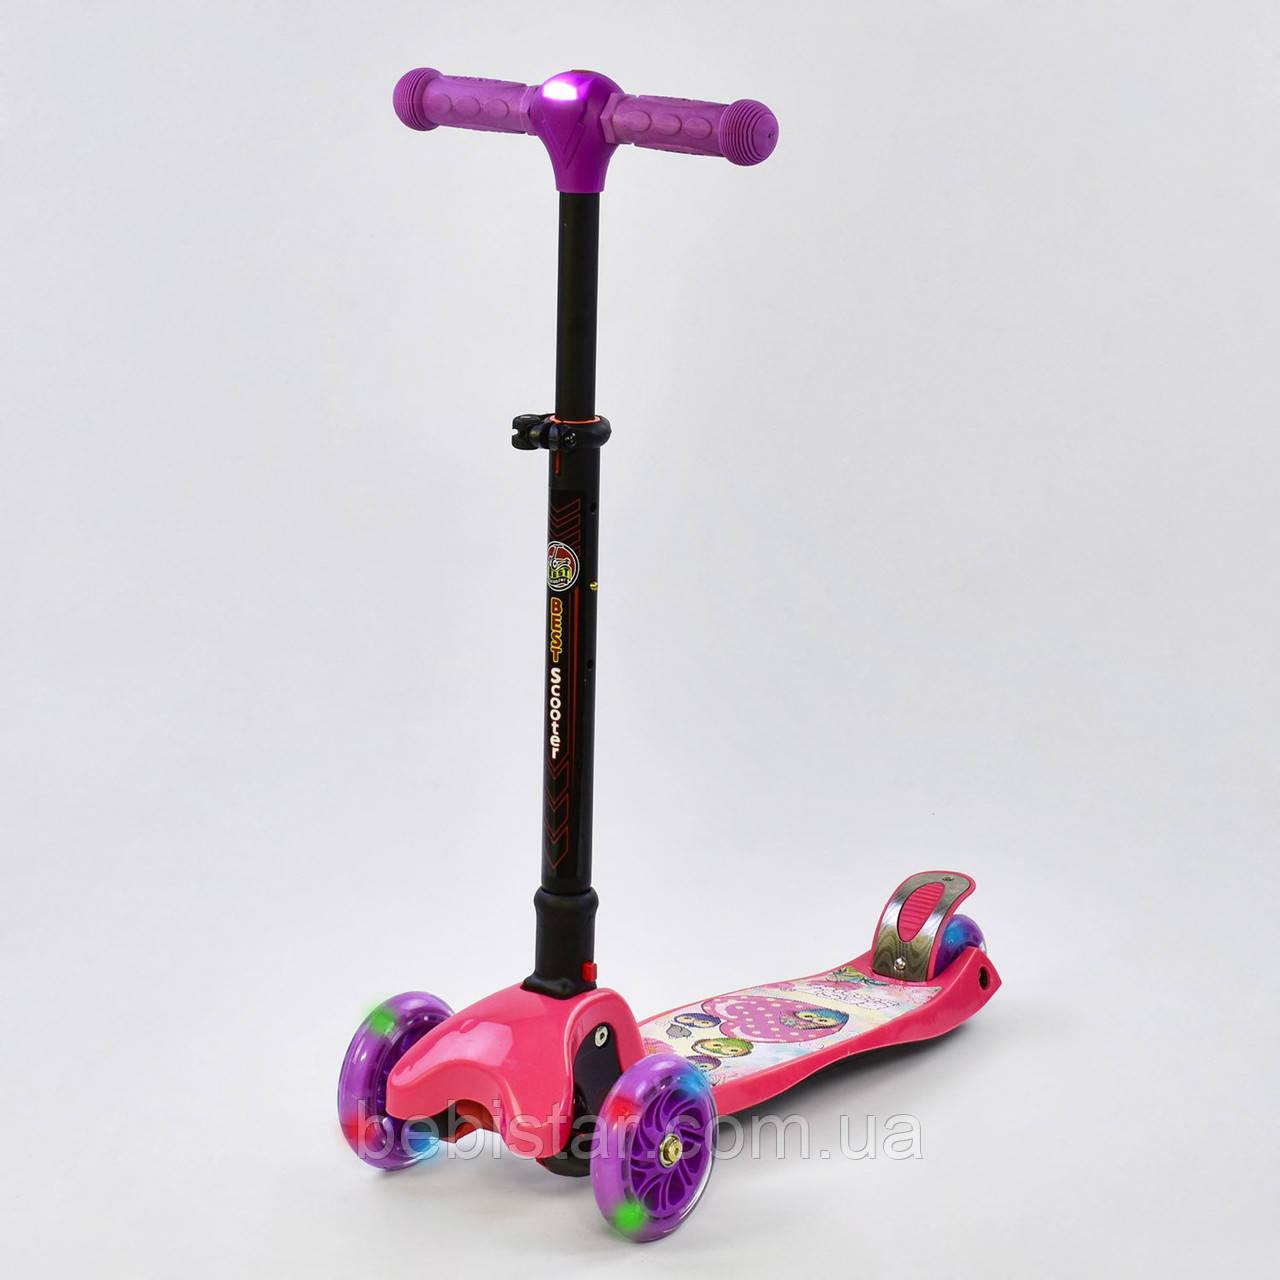 Самокат детский четыре колеса складной руль с фарой светящимися колесами малиновый деткам от 3 лет